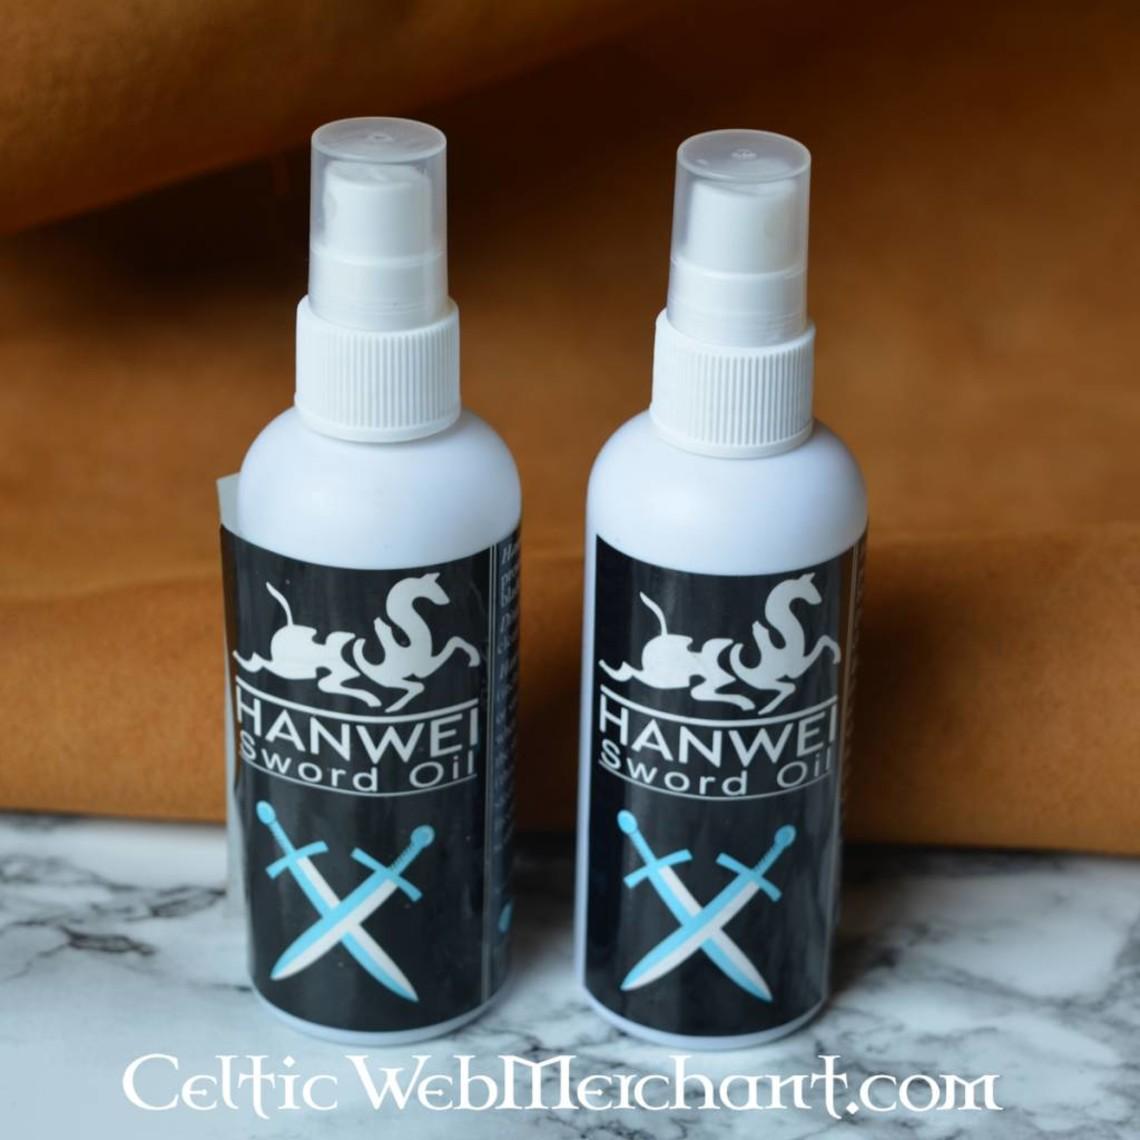 Hanwei Hanwei Sword Oil, 50 ml